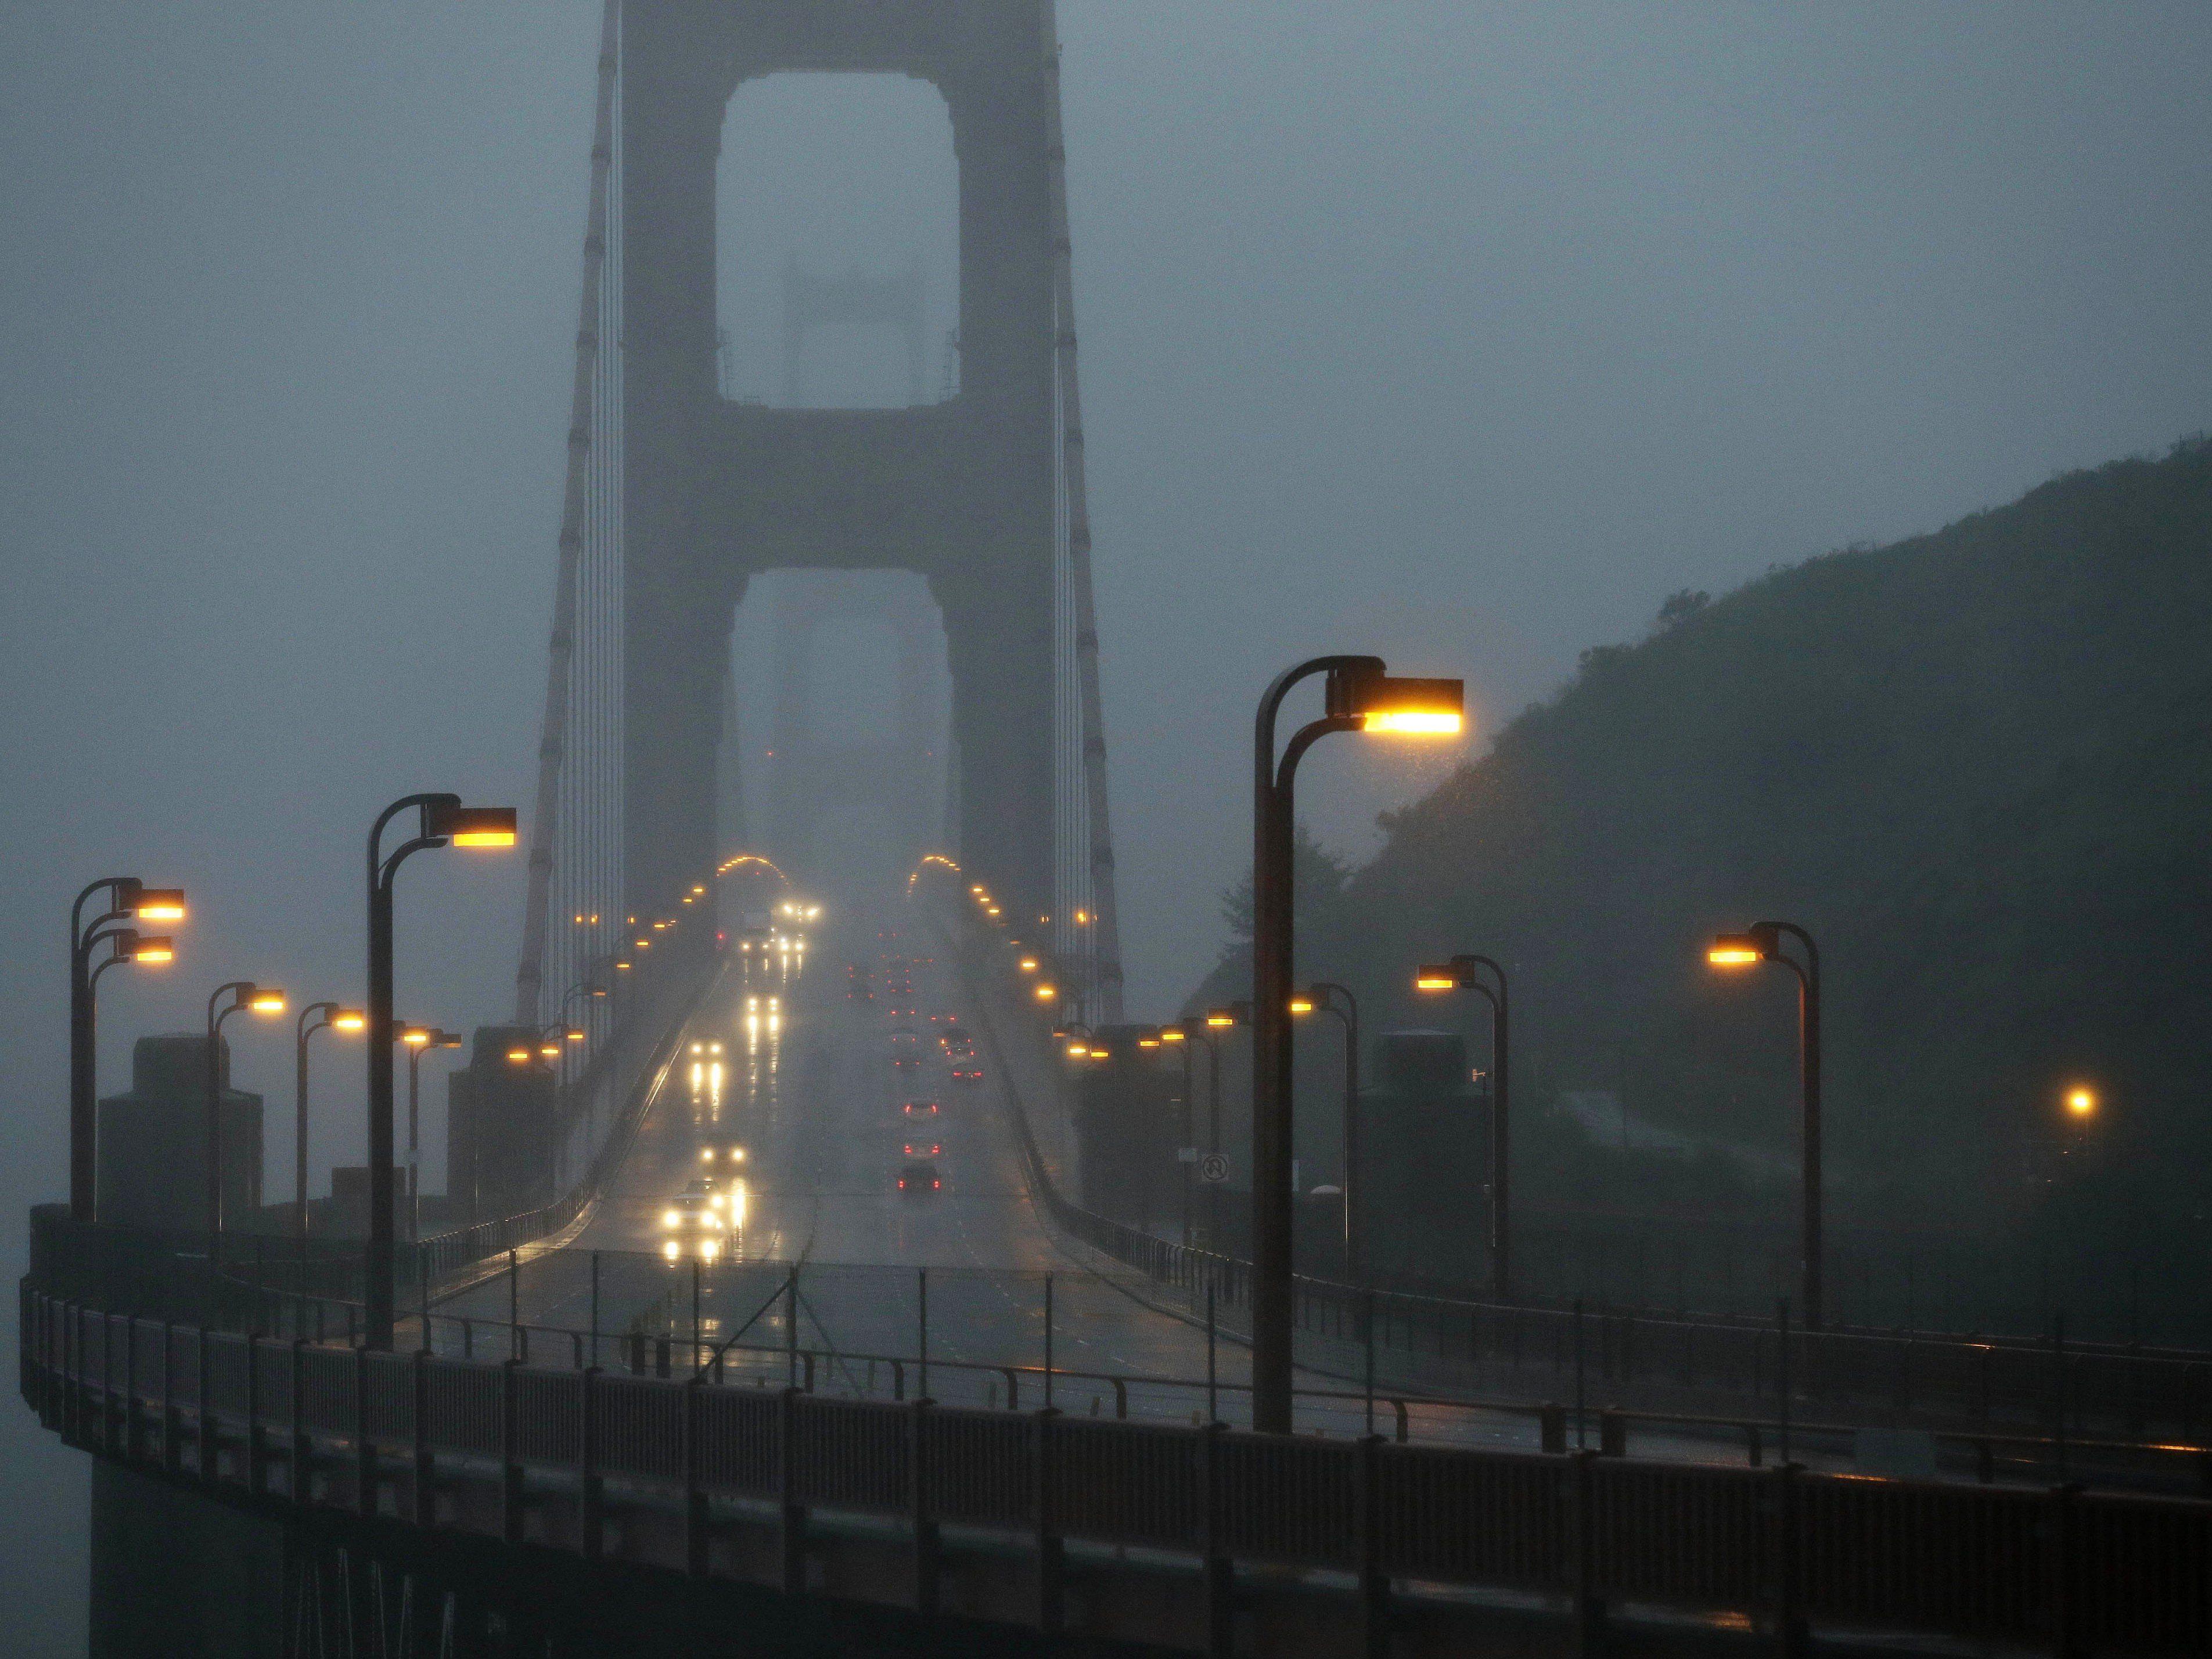 Weniger als ein Prozent überlegen den Sprung von der roten Brücke.